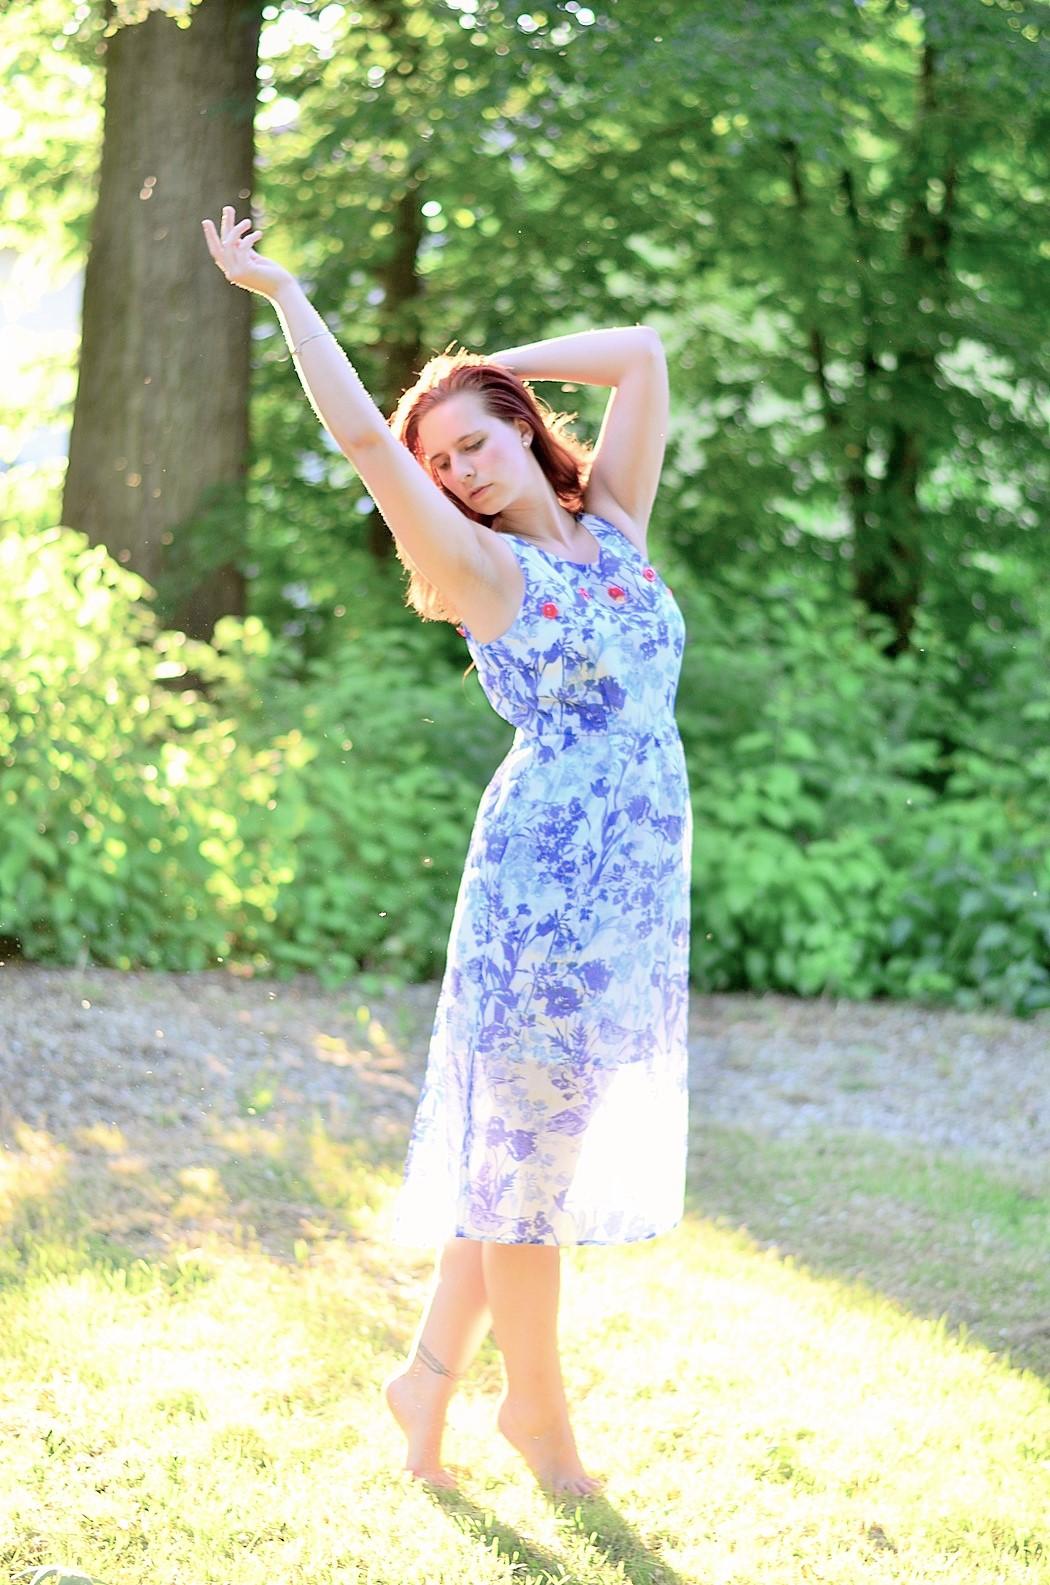 Alice's Pig-Kleid-Maxikleid_Alices Pig_Kleid von Alice's Pig-blaues Maxikleid-Gegenlicht Fotografie-Sonnenuntergang-Natur-barfuß-Annanikabu-1 (2)